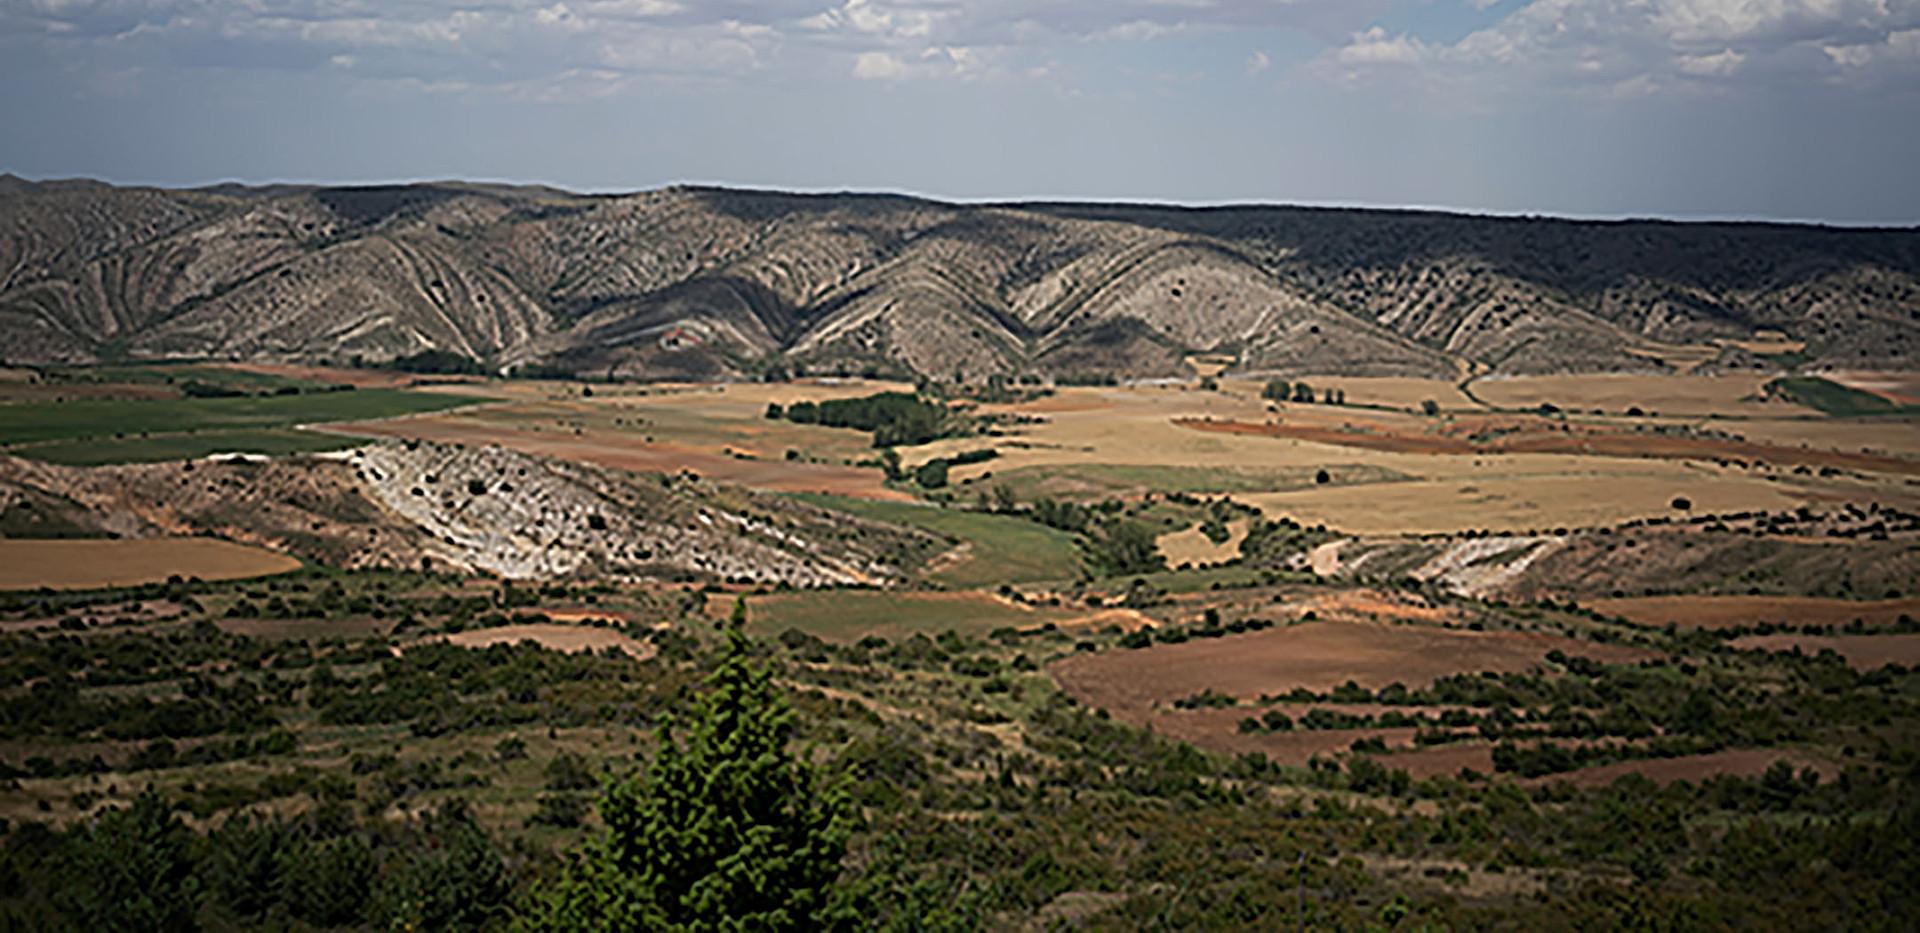 Montañas con falla / Rock mountains